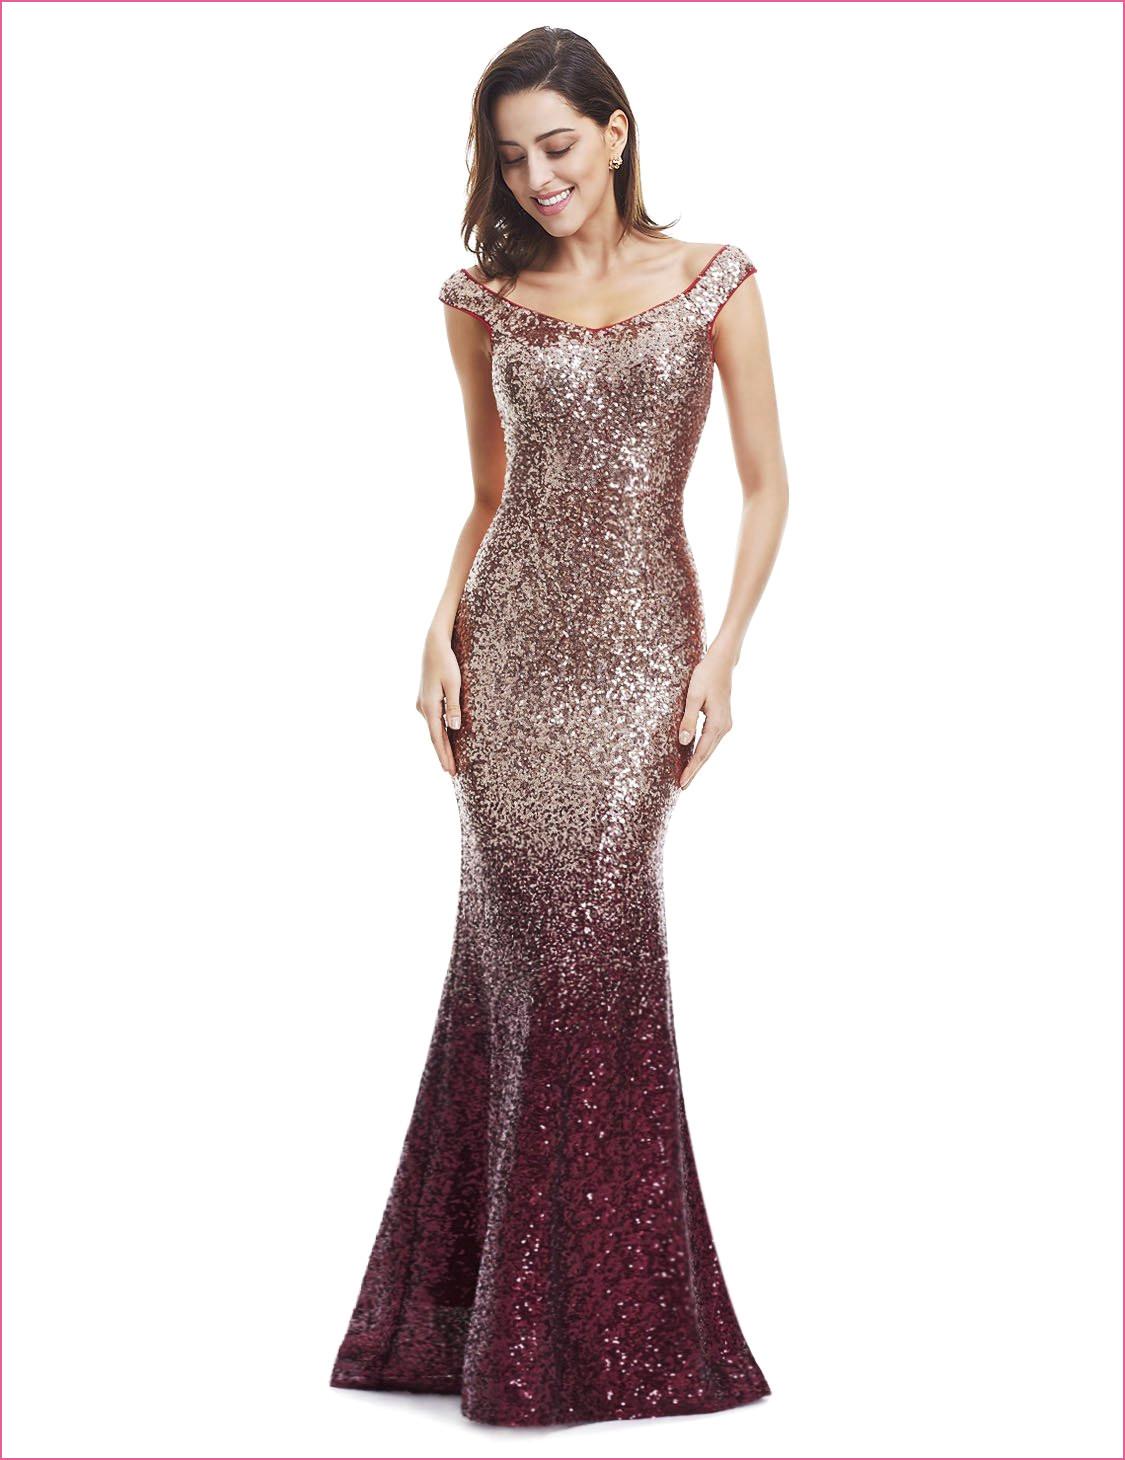 20 Luxus Elegante Kleider Lang Bester PreisAbend Cool Elegante Kleider Lang Vertrieb